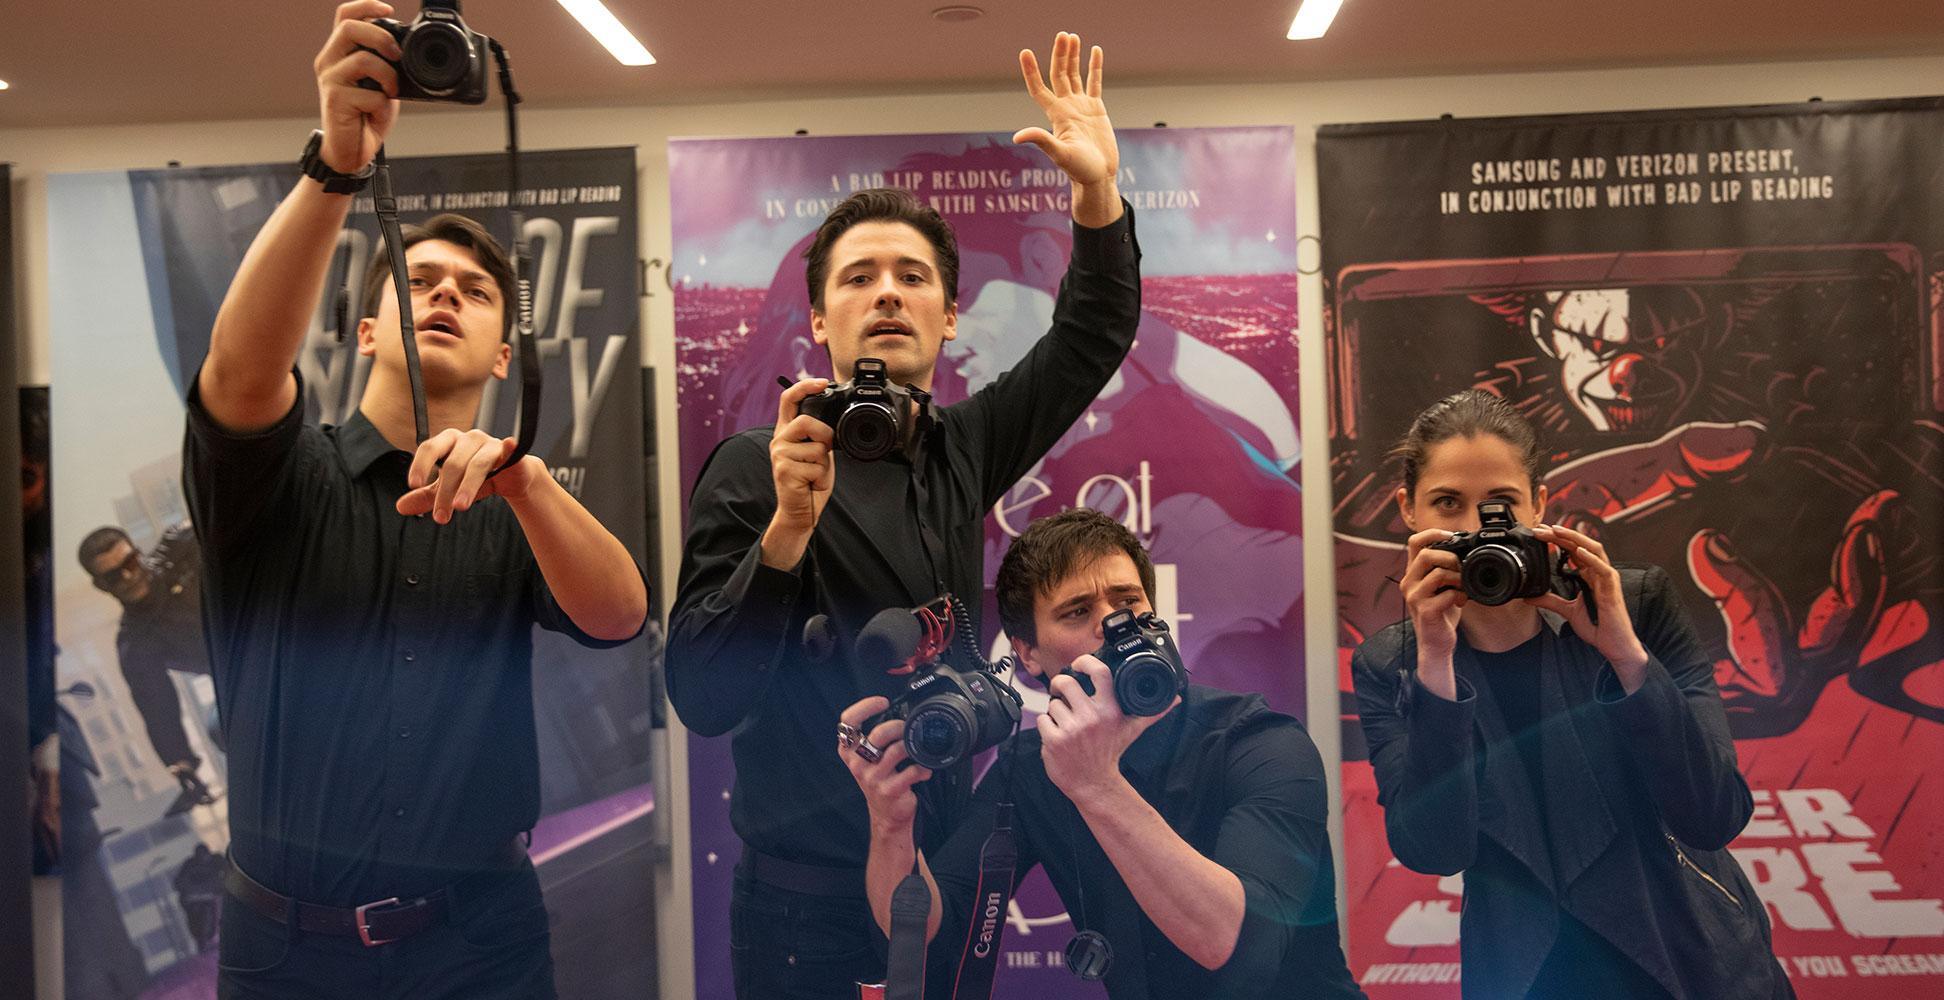 Infinity-Screening-Photo-17